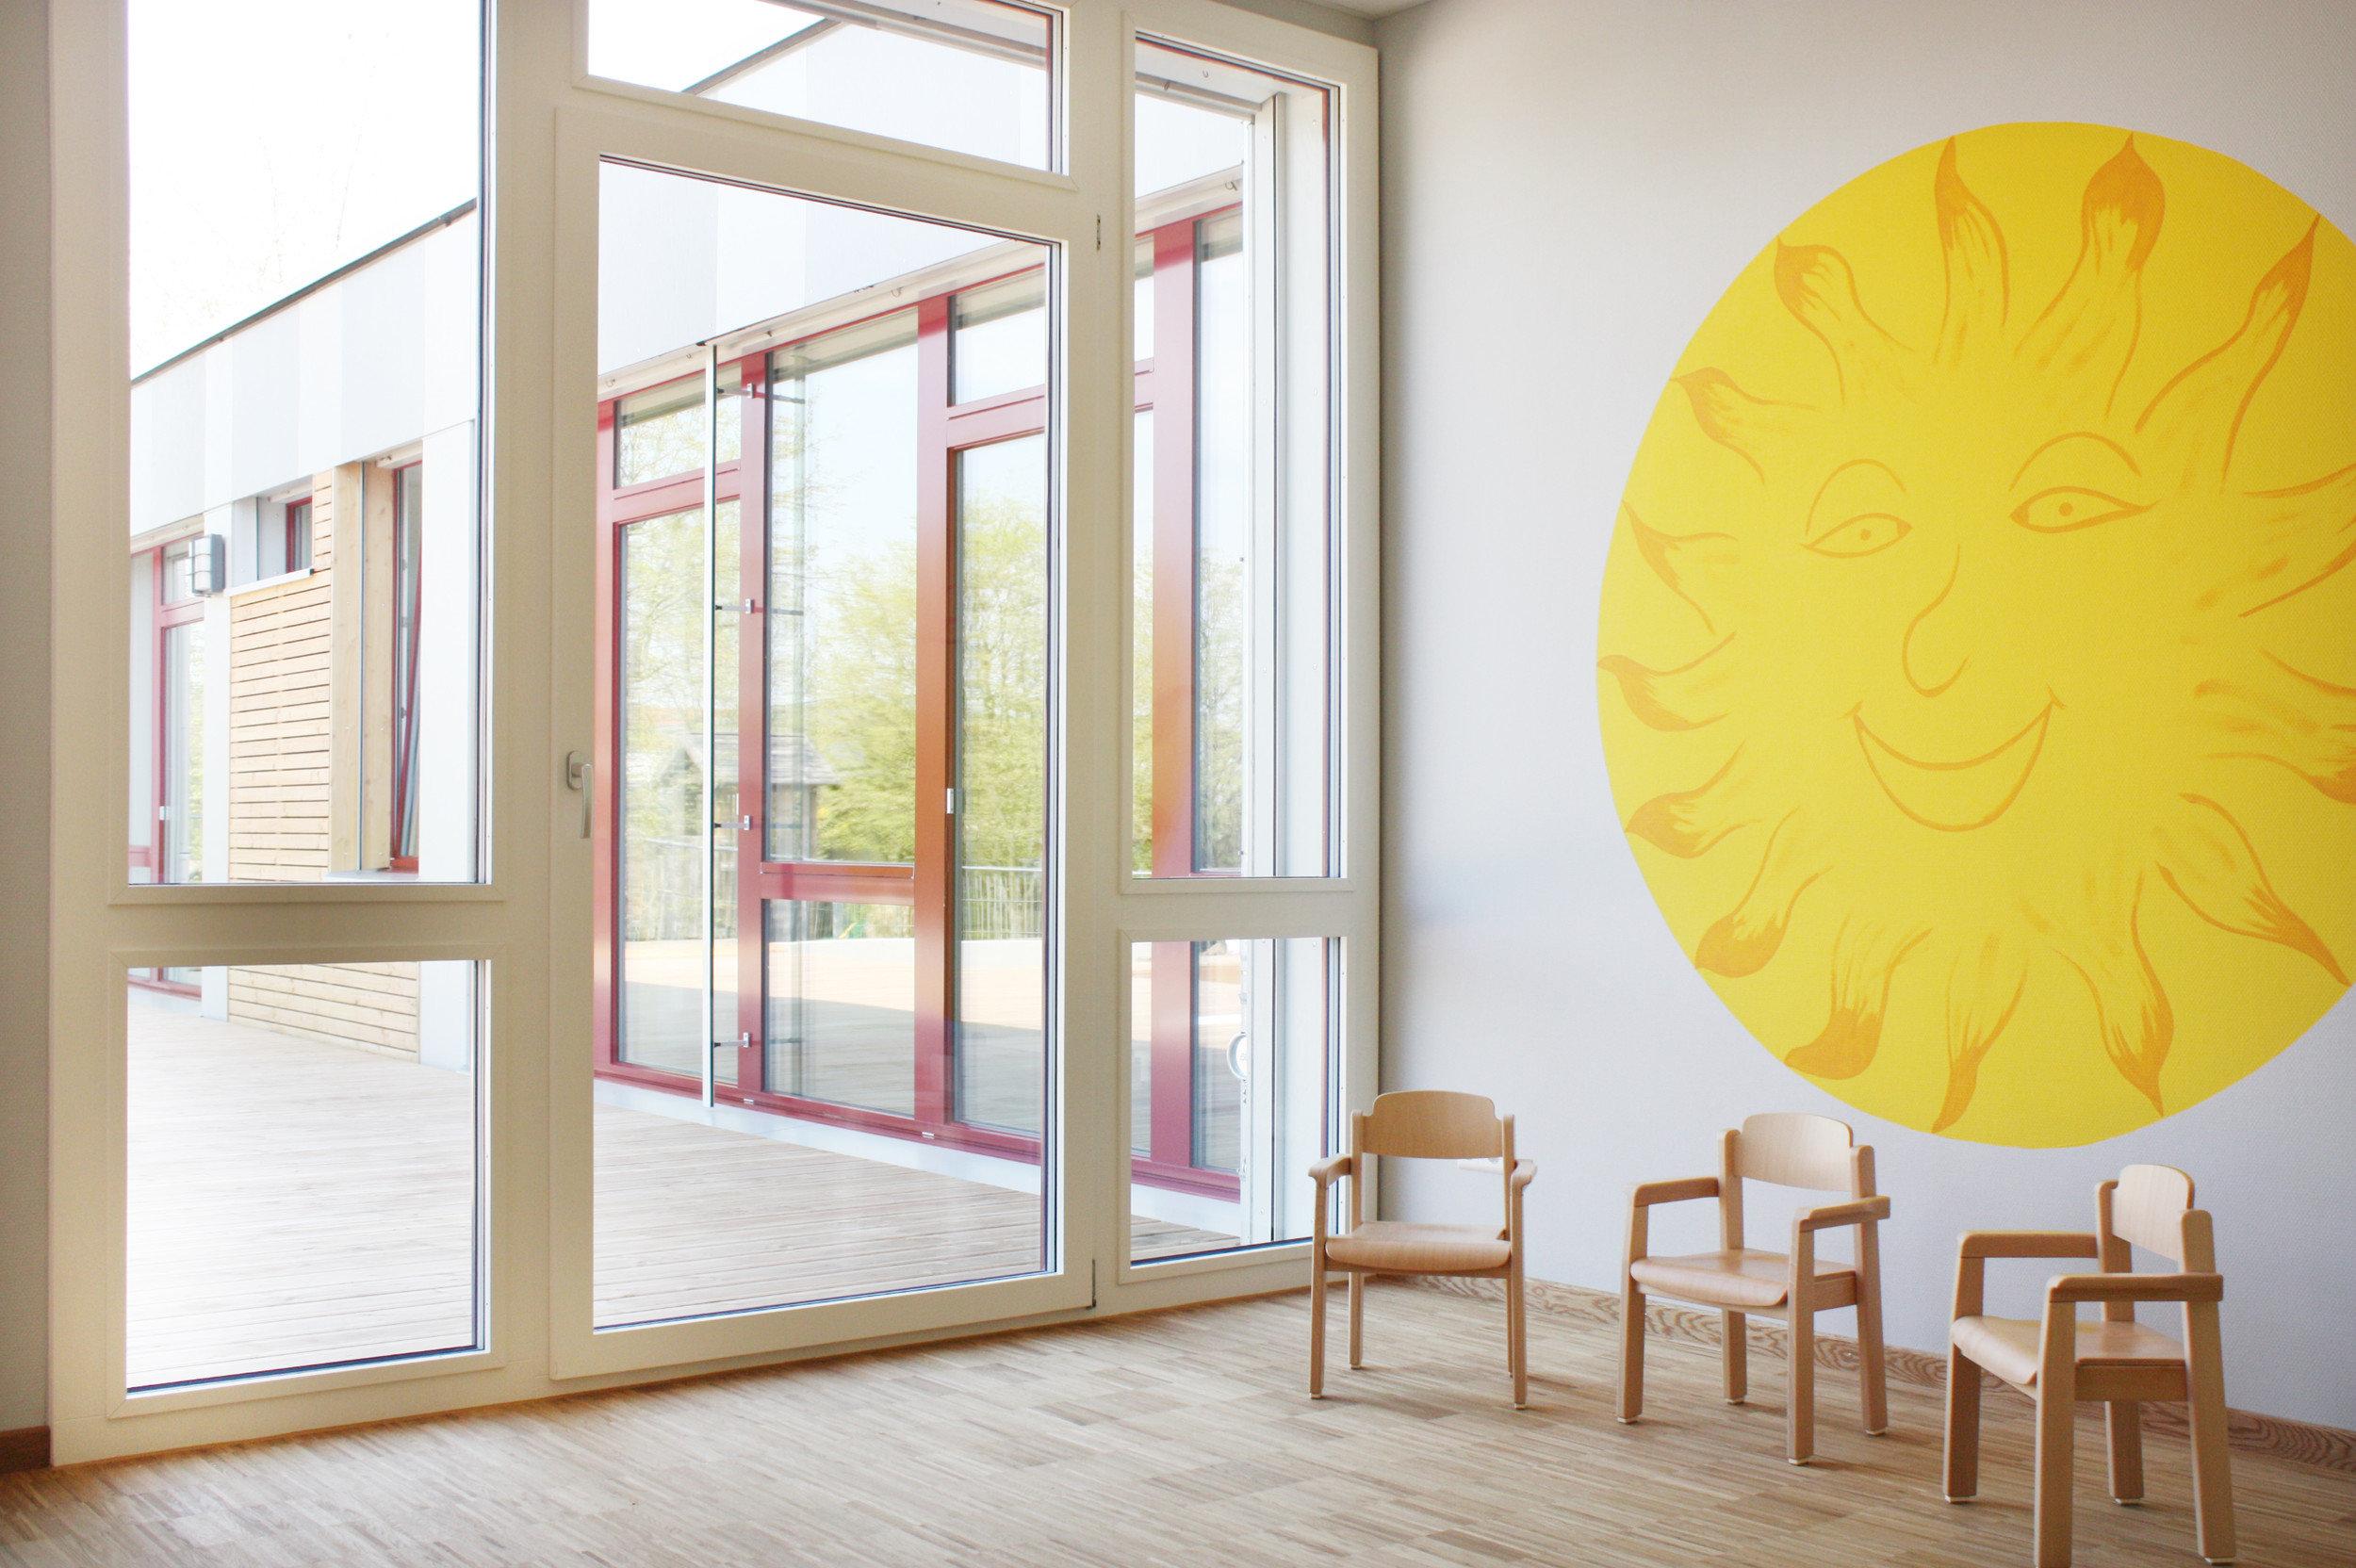 2 mehrteilige Fensterelemente mit feststehenden Teilen